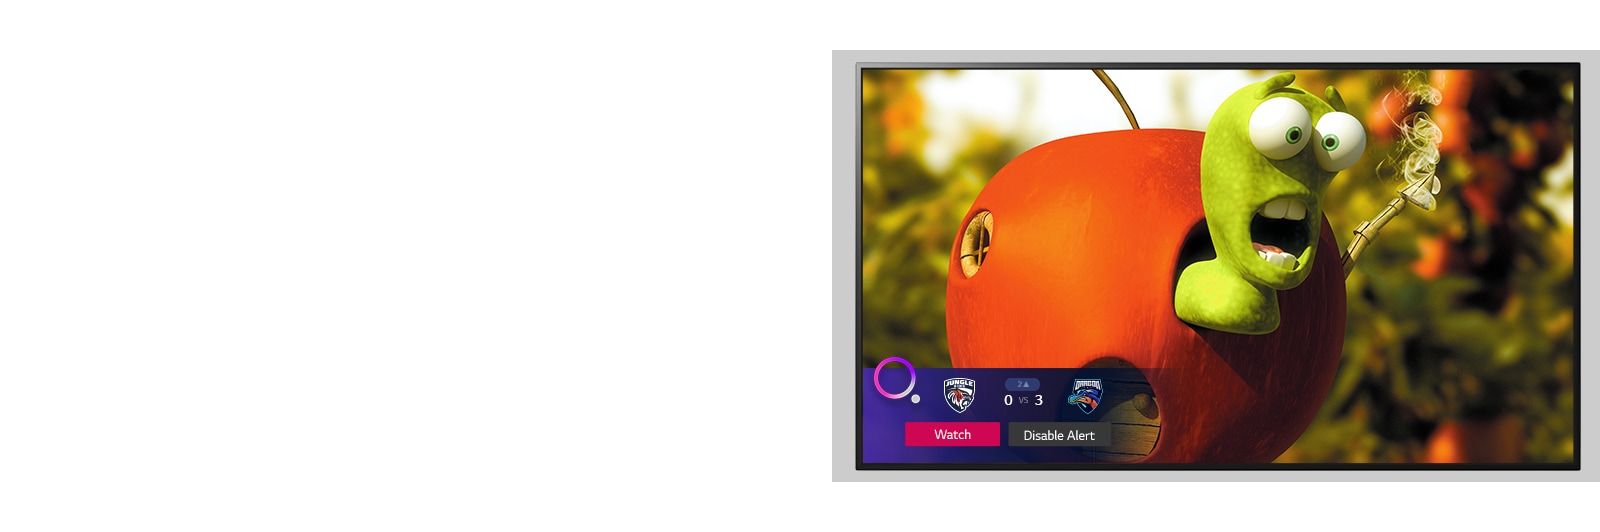 LG 55UN7300PTC Sports Alert